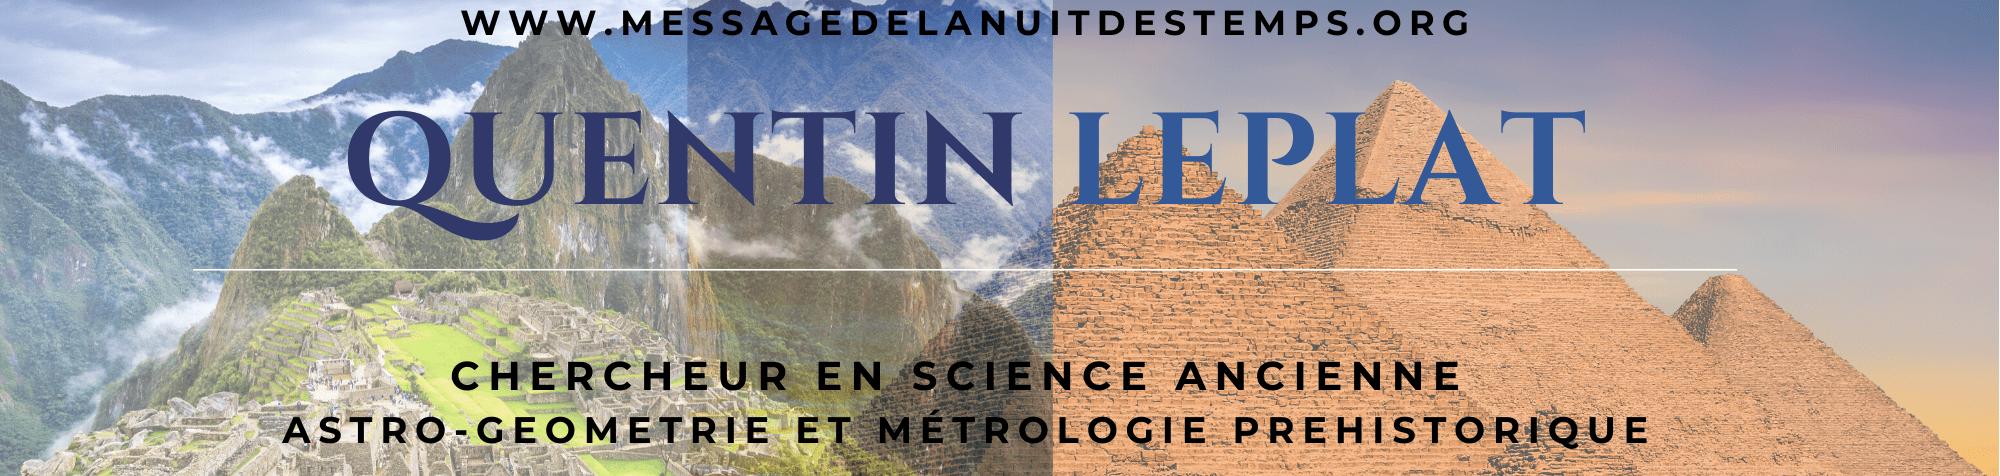 Blog de recherche en sciences anciennes.